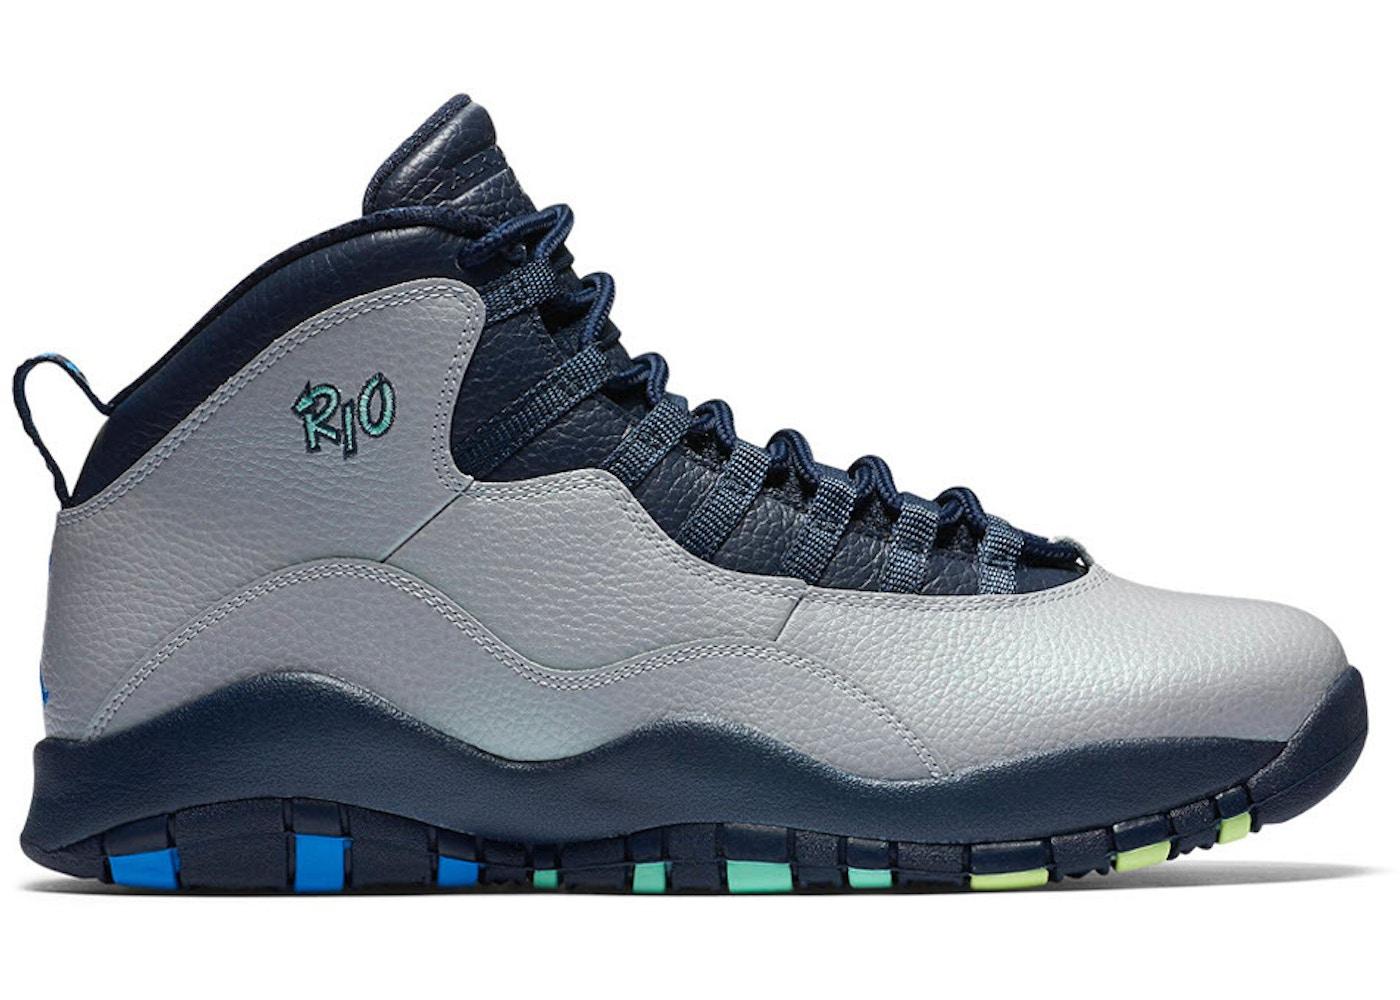 5e83c087c19 Buy Air Jordan 10 Shoes & Deadstock Sneakers